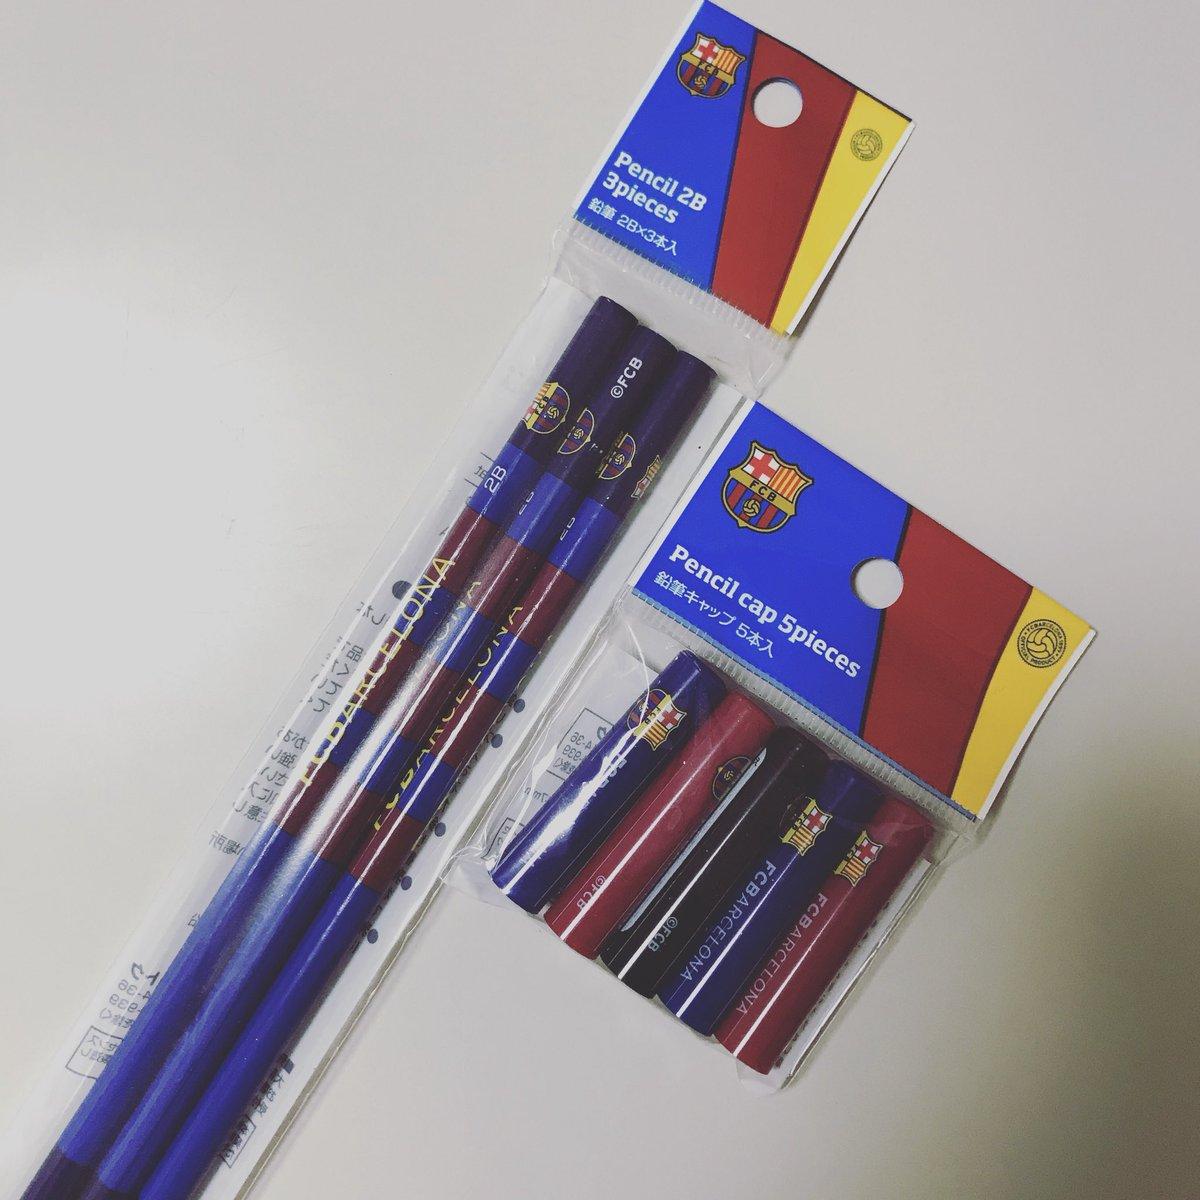 test ツイッターメディア - ダイソー行ったら、目にしてしまいましたー😍💕💕💕お目当ての物以外を買ってしまったけど、使うものだけにしたから良しとしよう👍#fcbarcelona #pencil #pencilcap #他にも色々 #ダイソー https://t.co/XdJzrjbEt8